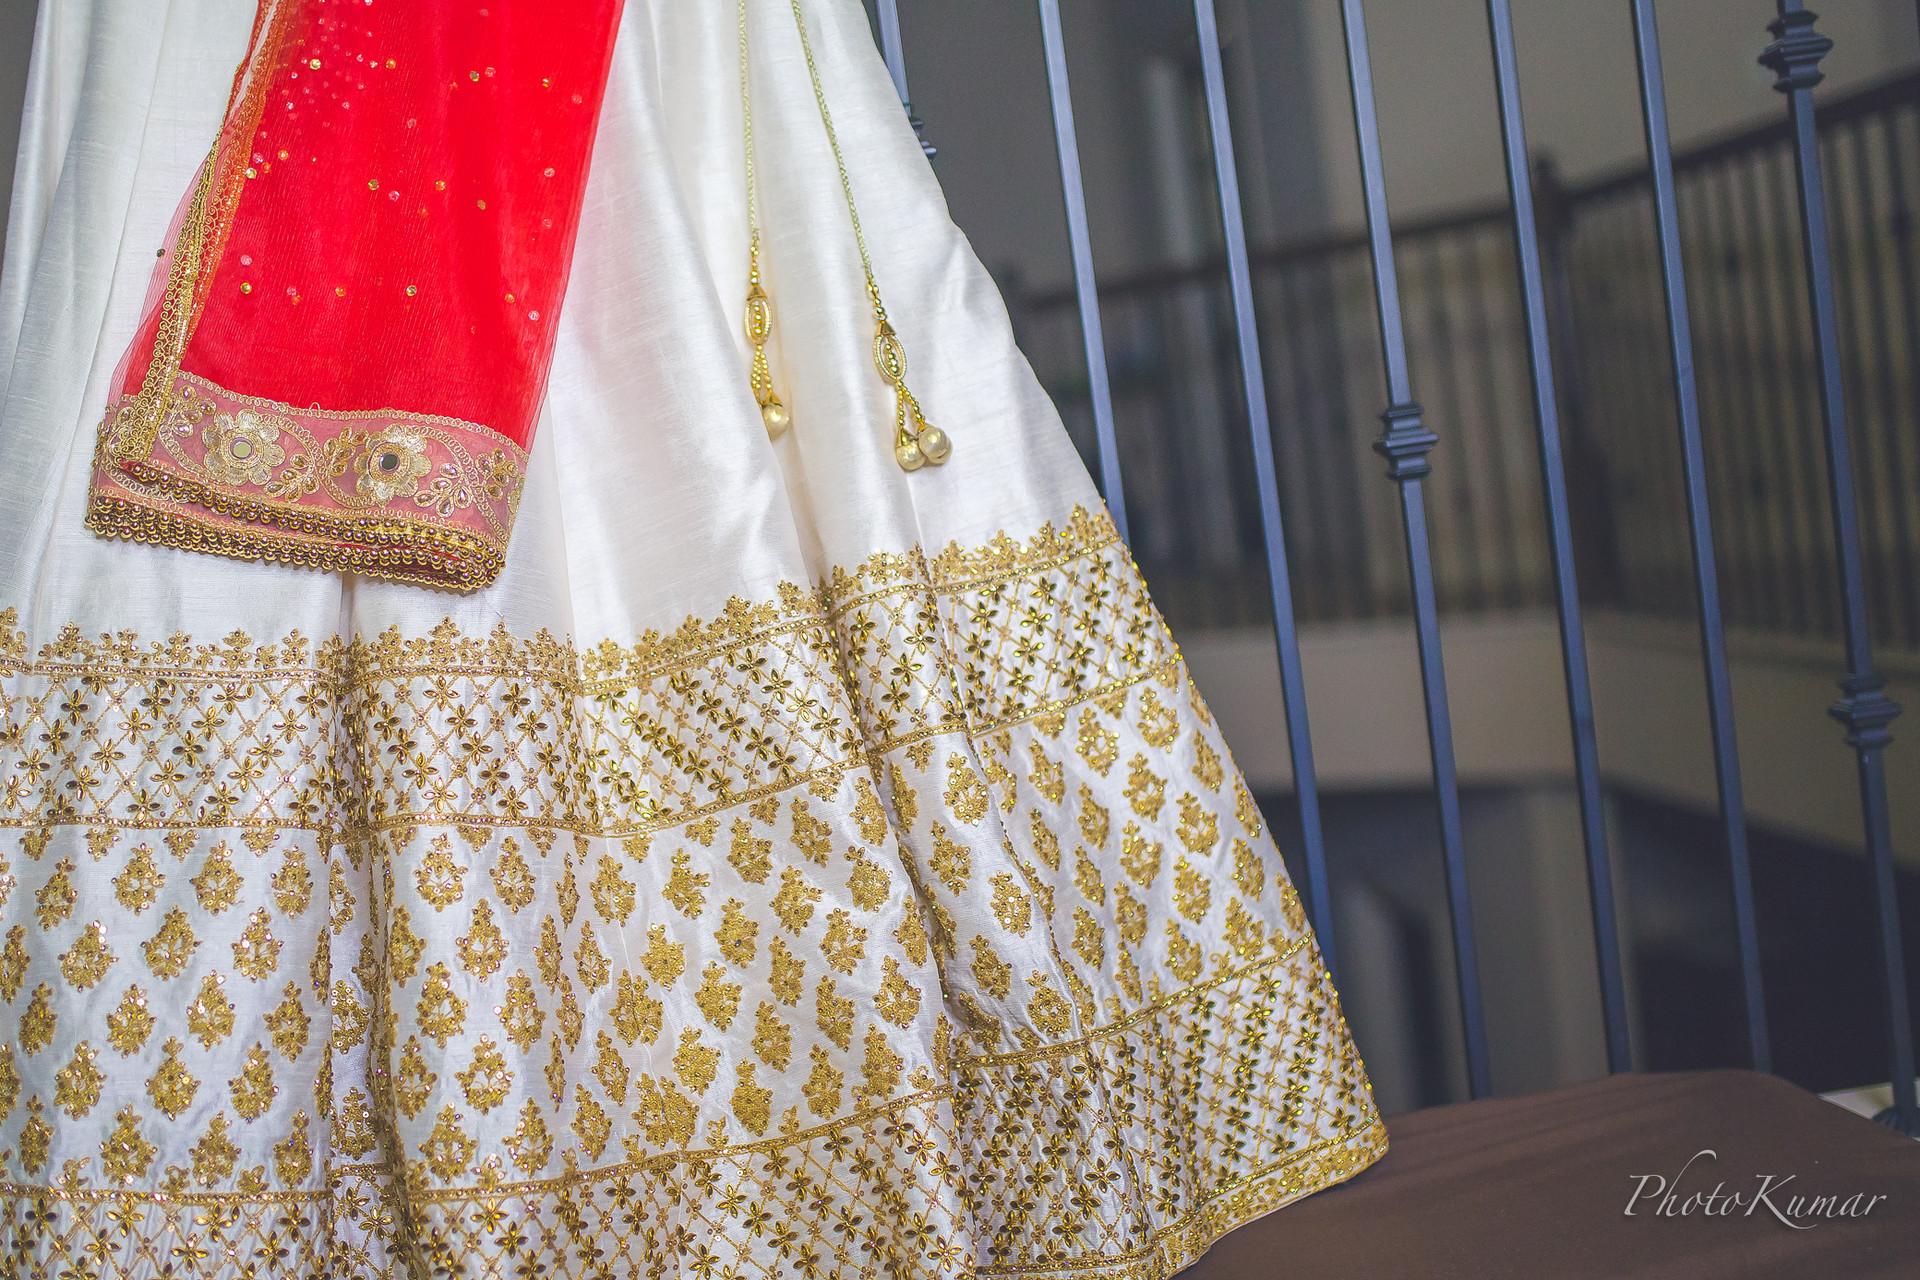 PhotoKumar-Nilam-wedding-dallas-texas-2018-6.jpg